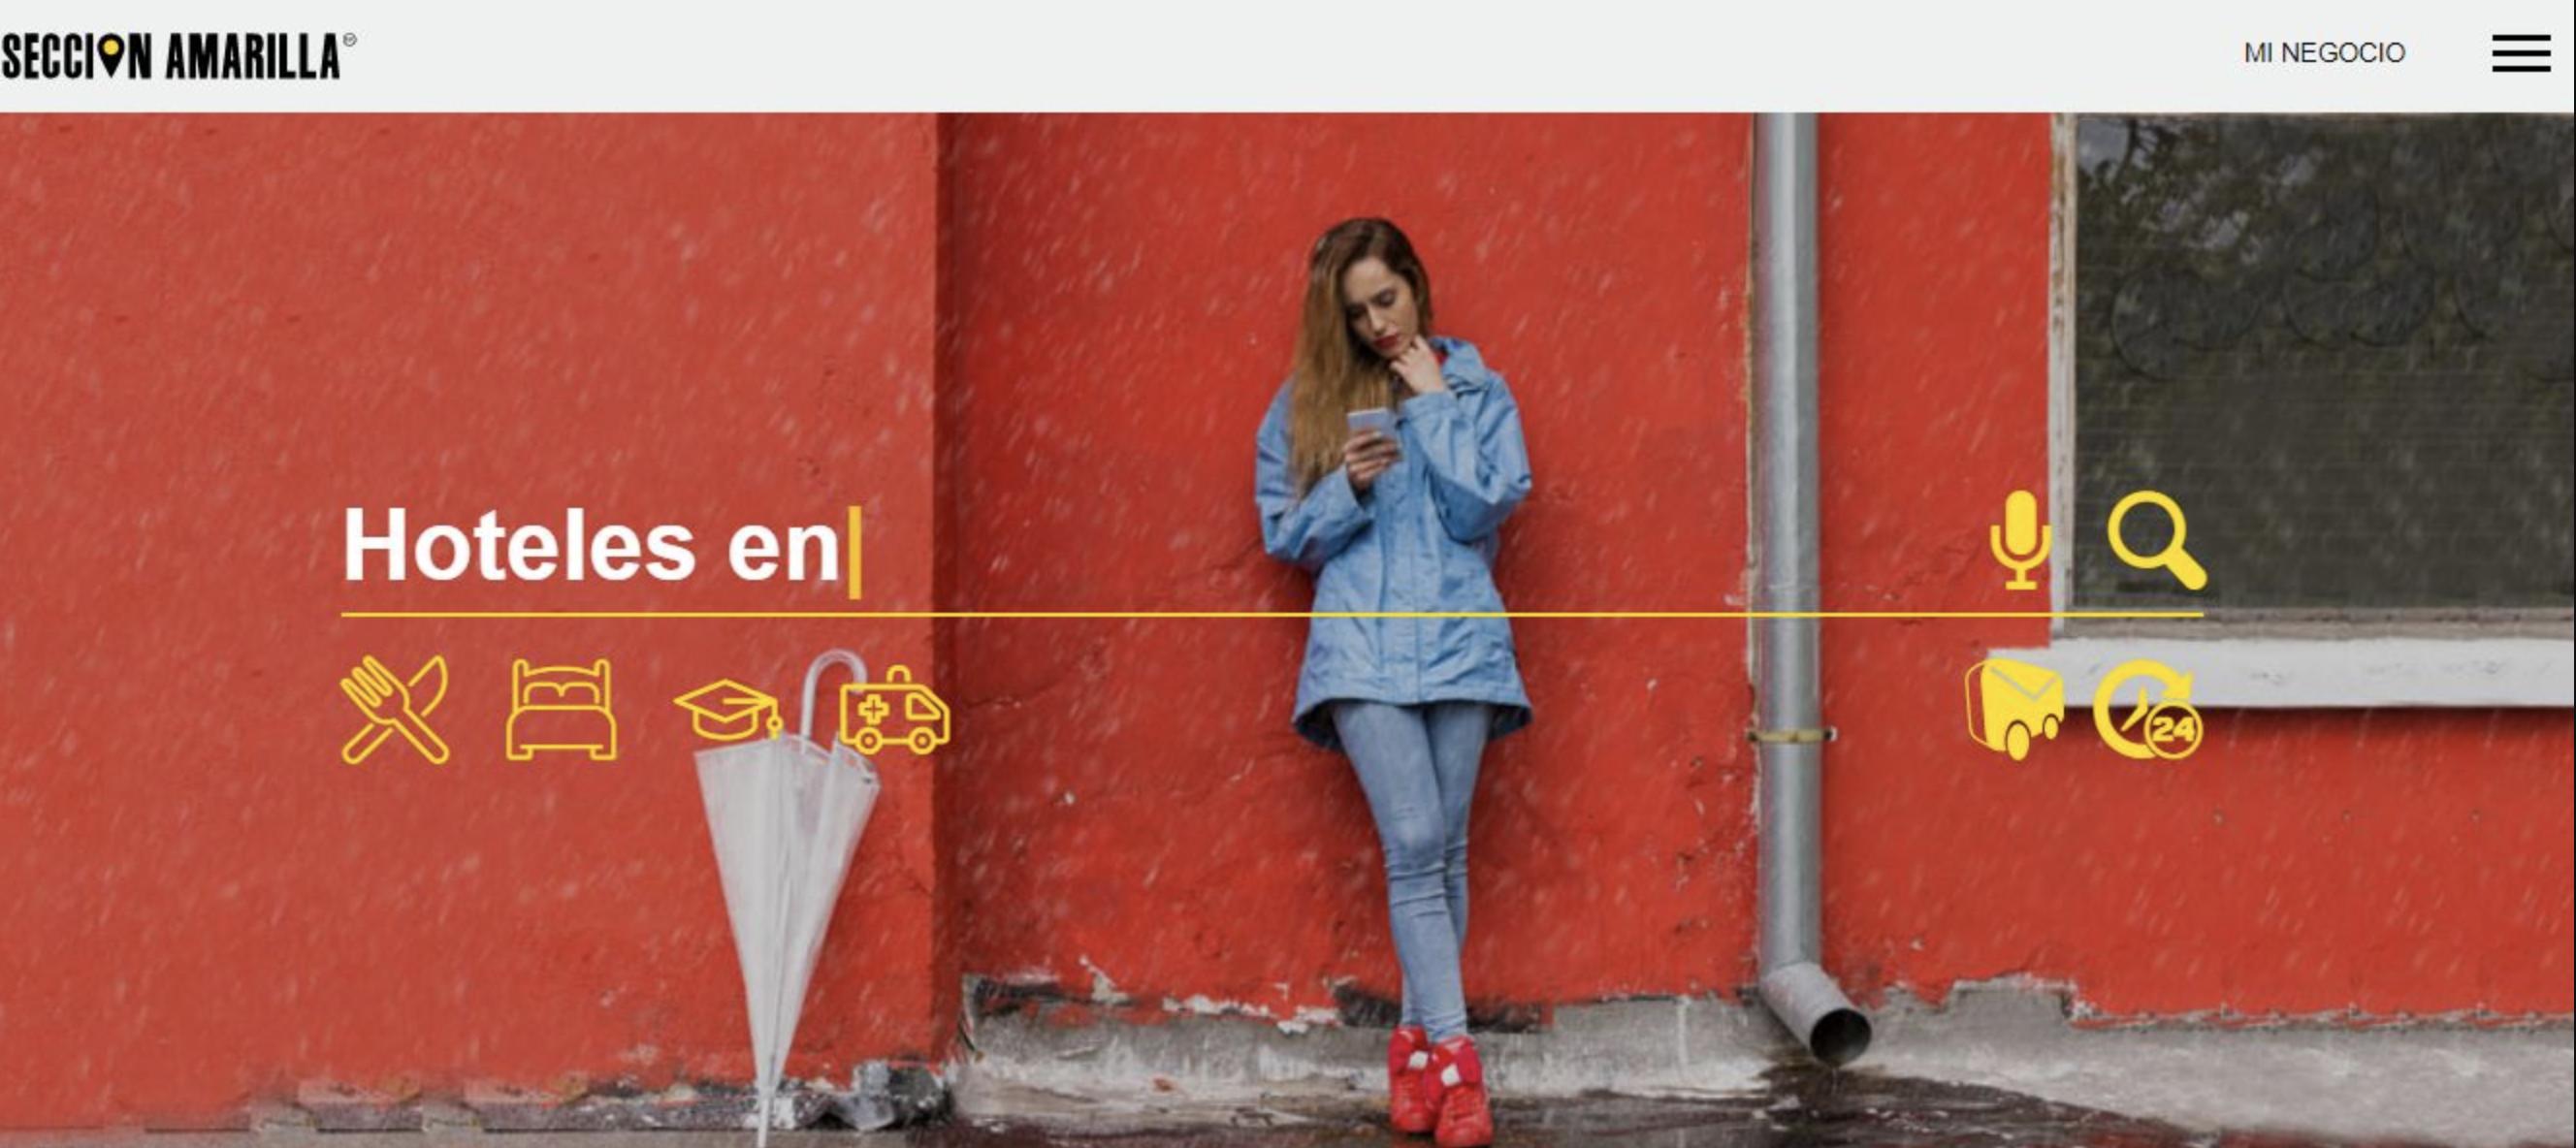 Ejemplos de colores para páginas web: seccion amarilla